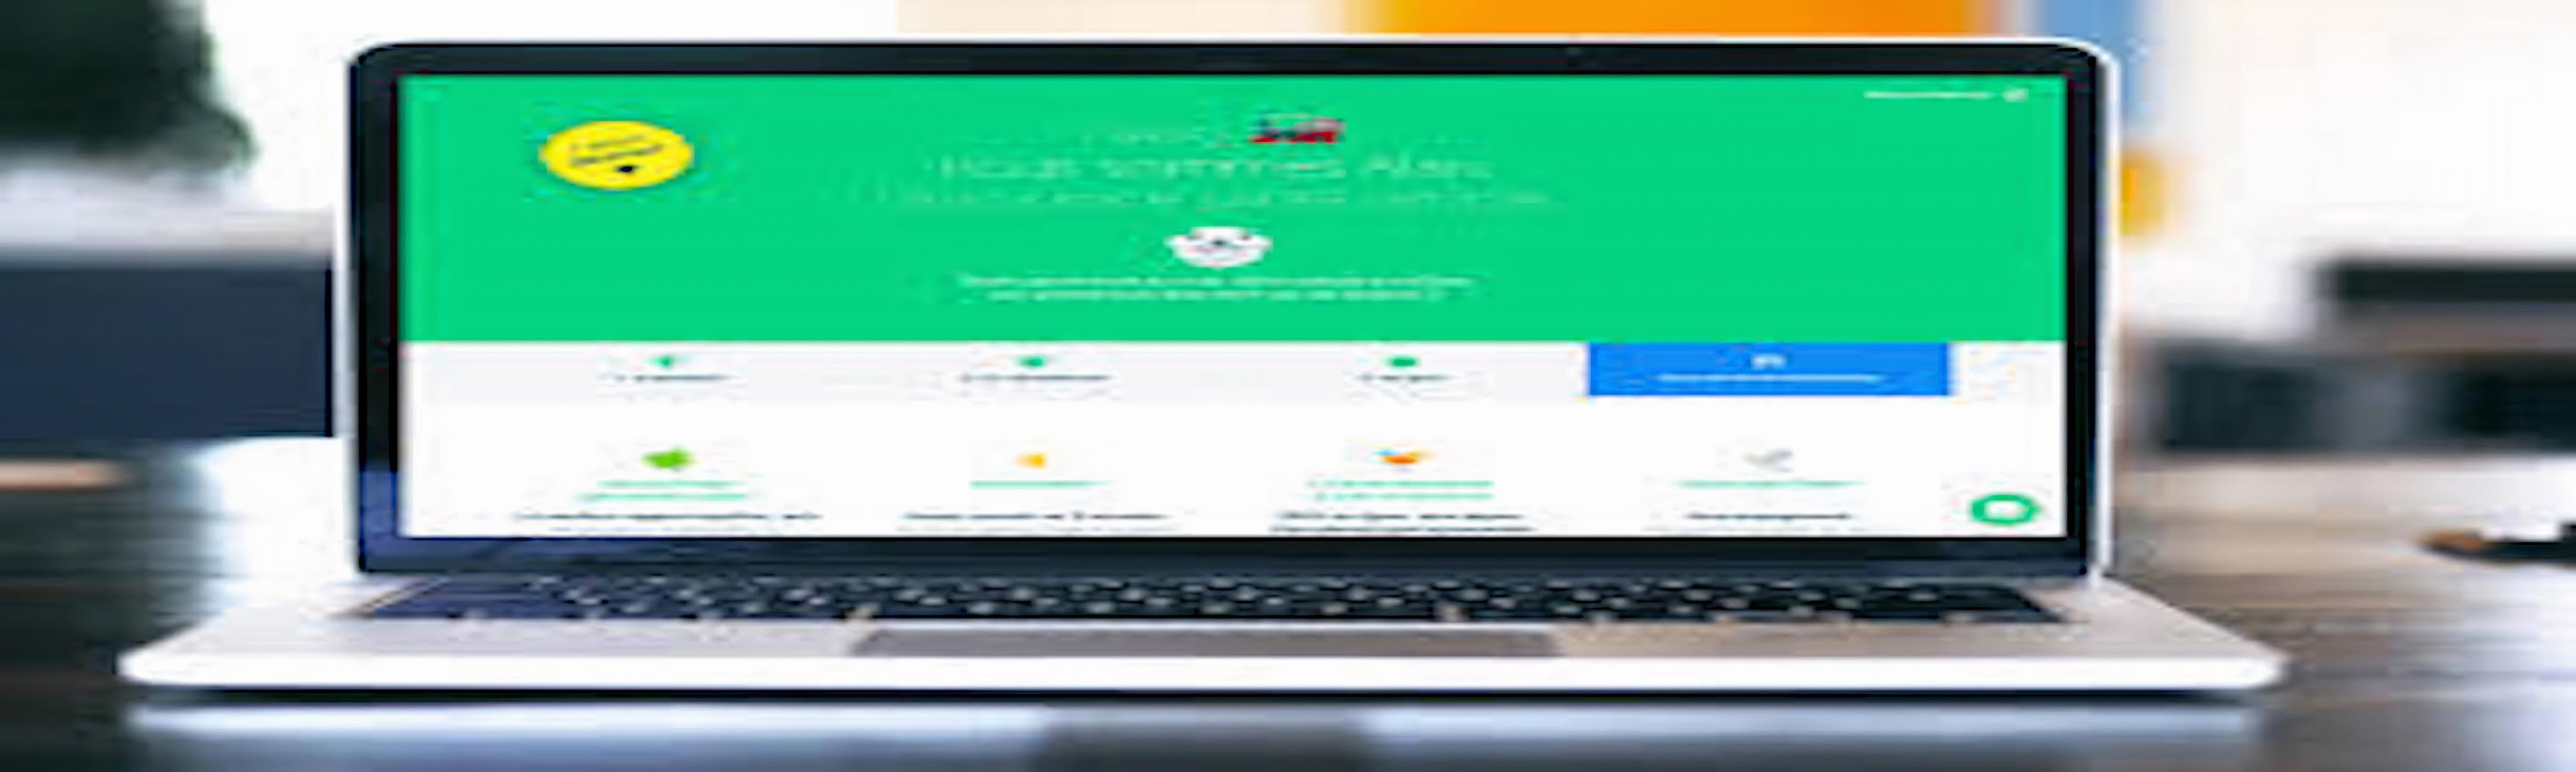 Avis Alan : Logiciel d'assurance mutuelle en ligne - Appvizer